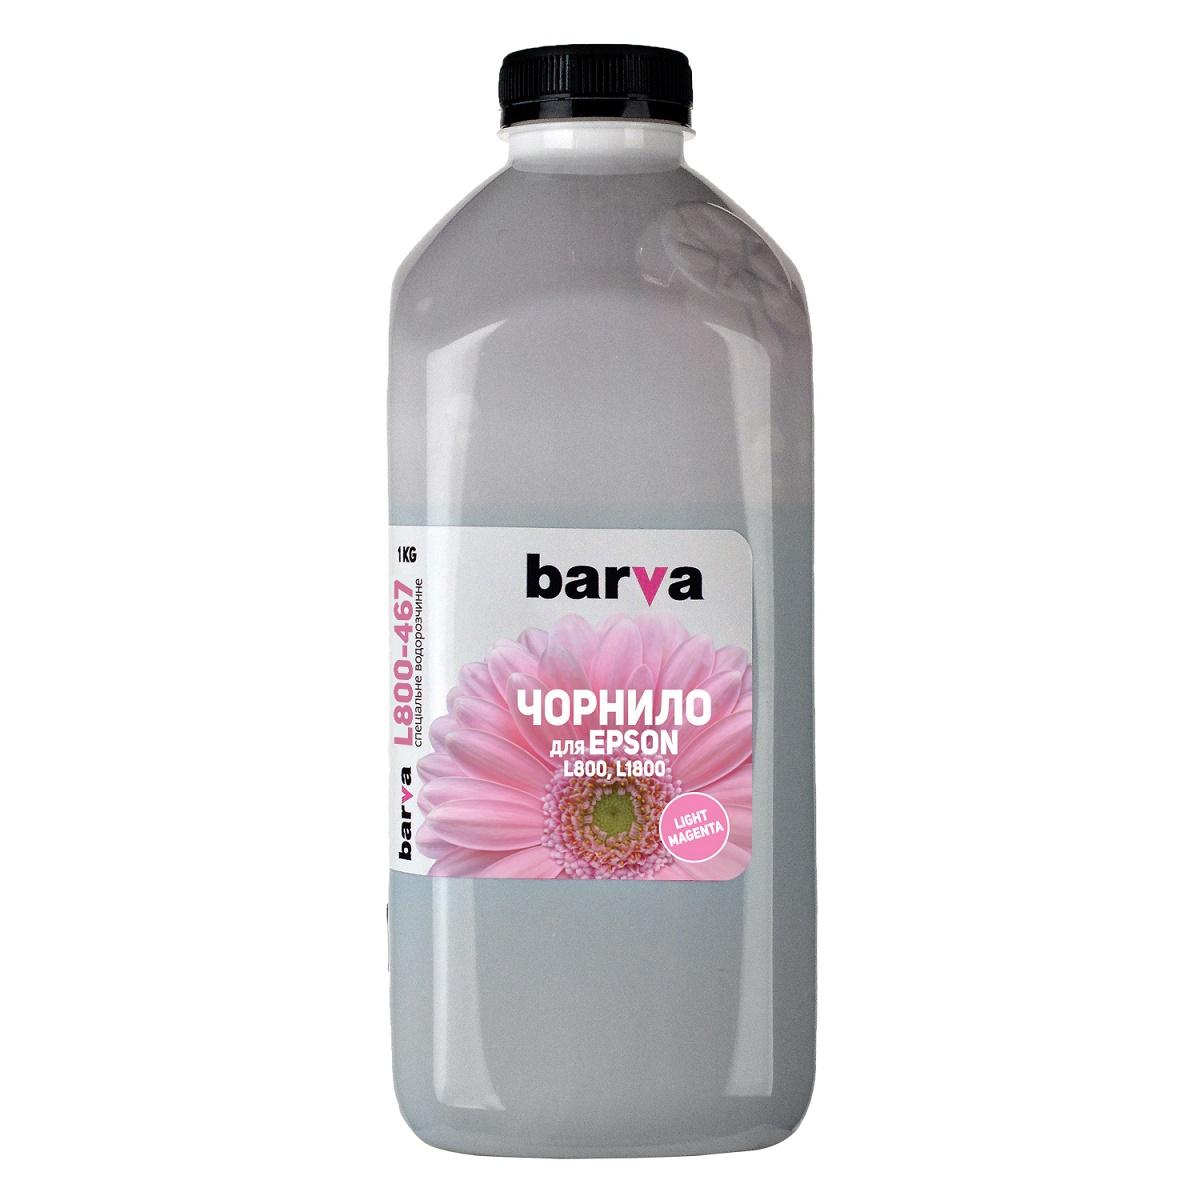 Купить Чорнило BARVA Epson L800/L810/L850/L1800 (T6736) світло-малинове, I-BAR-E-L800-1-LM